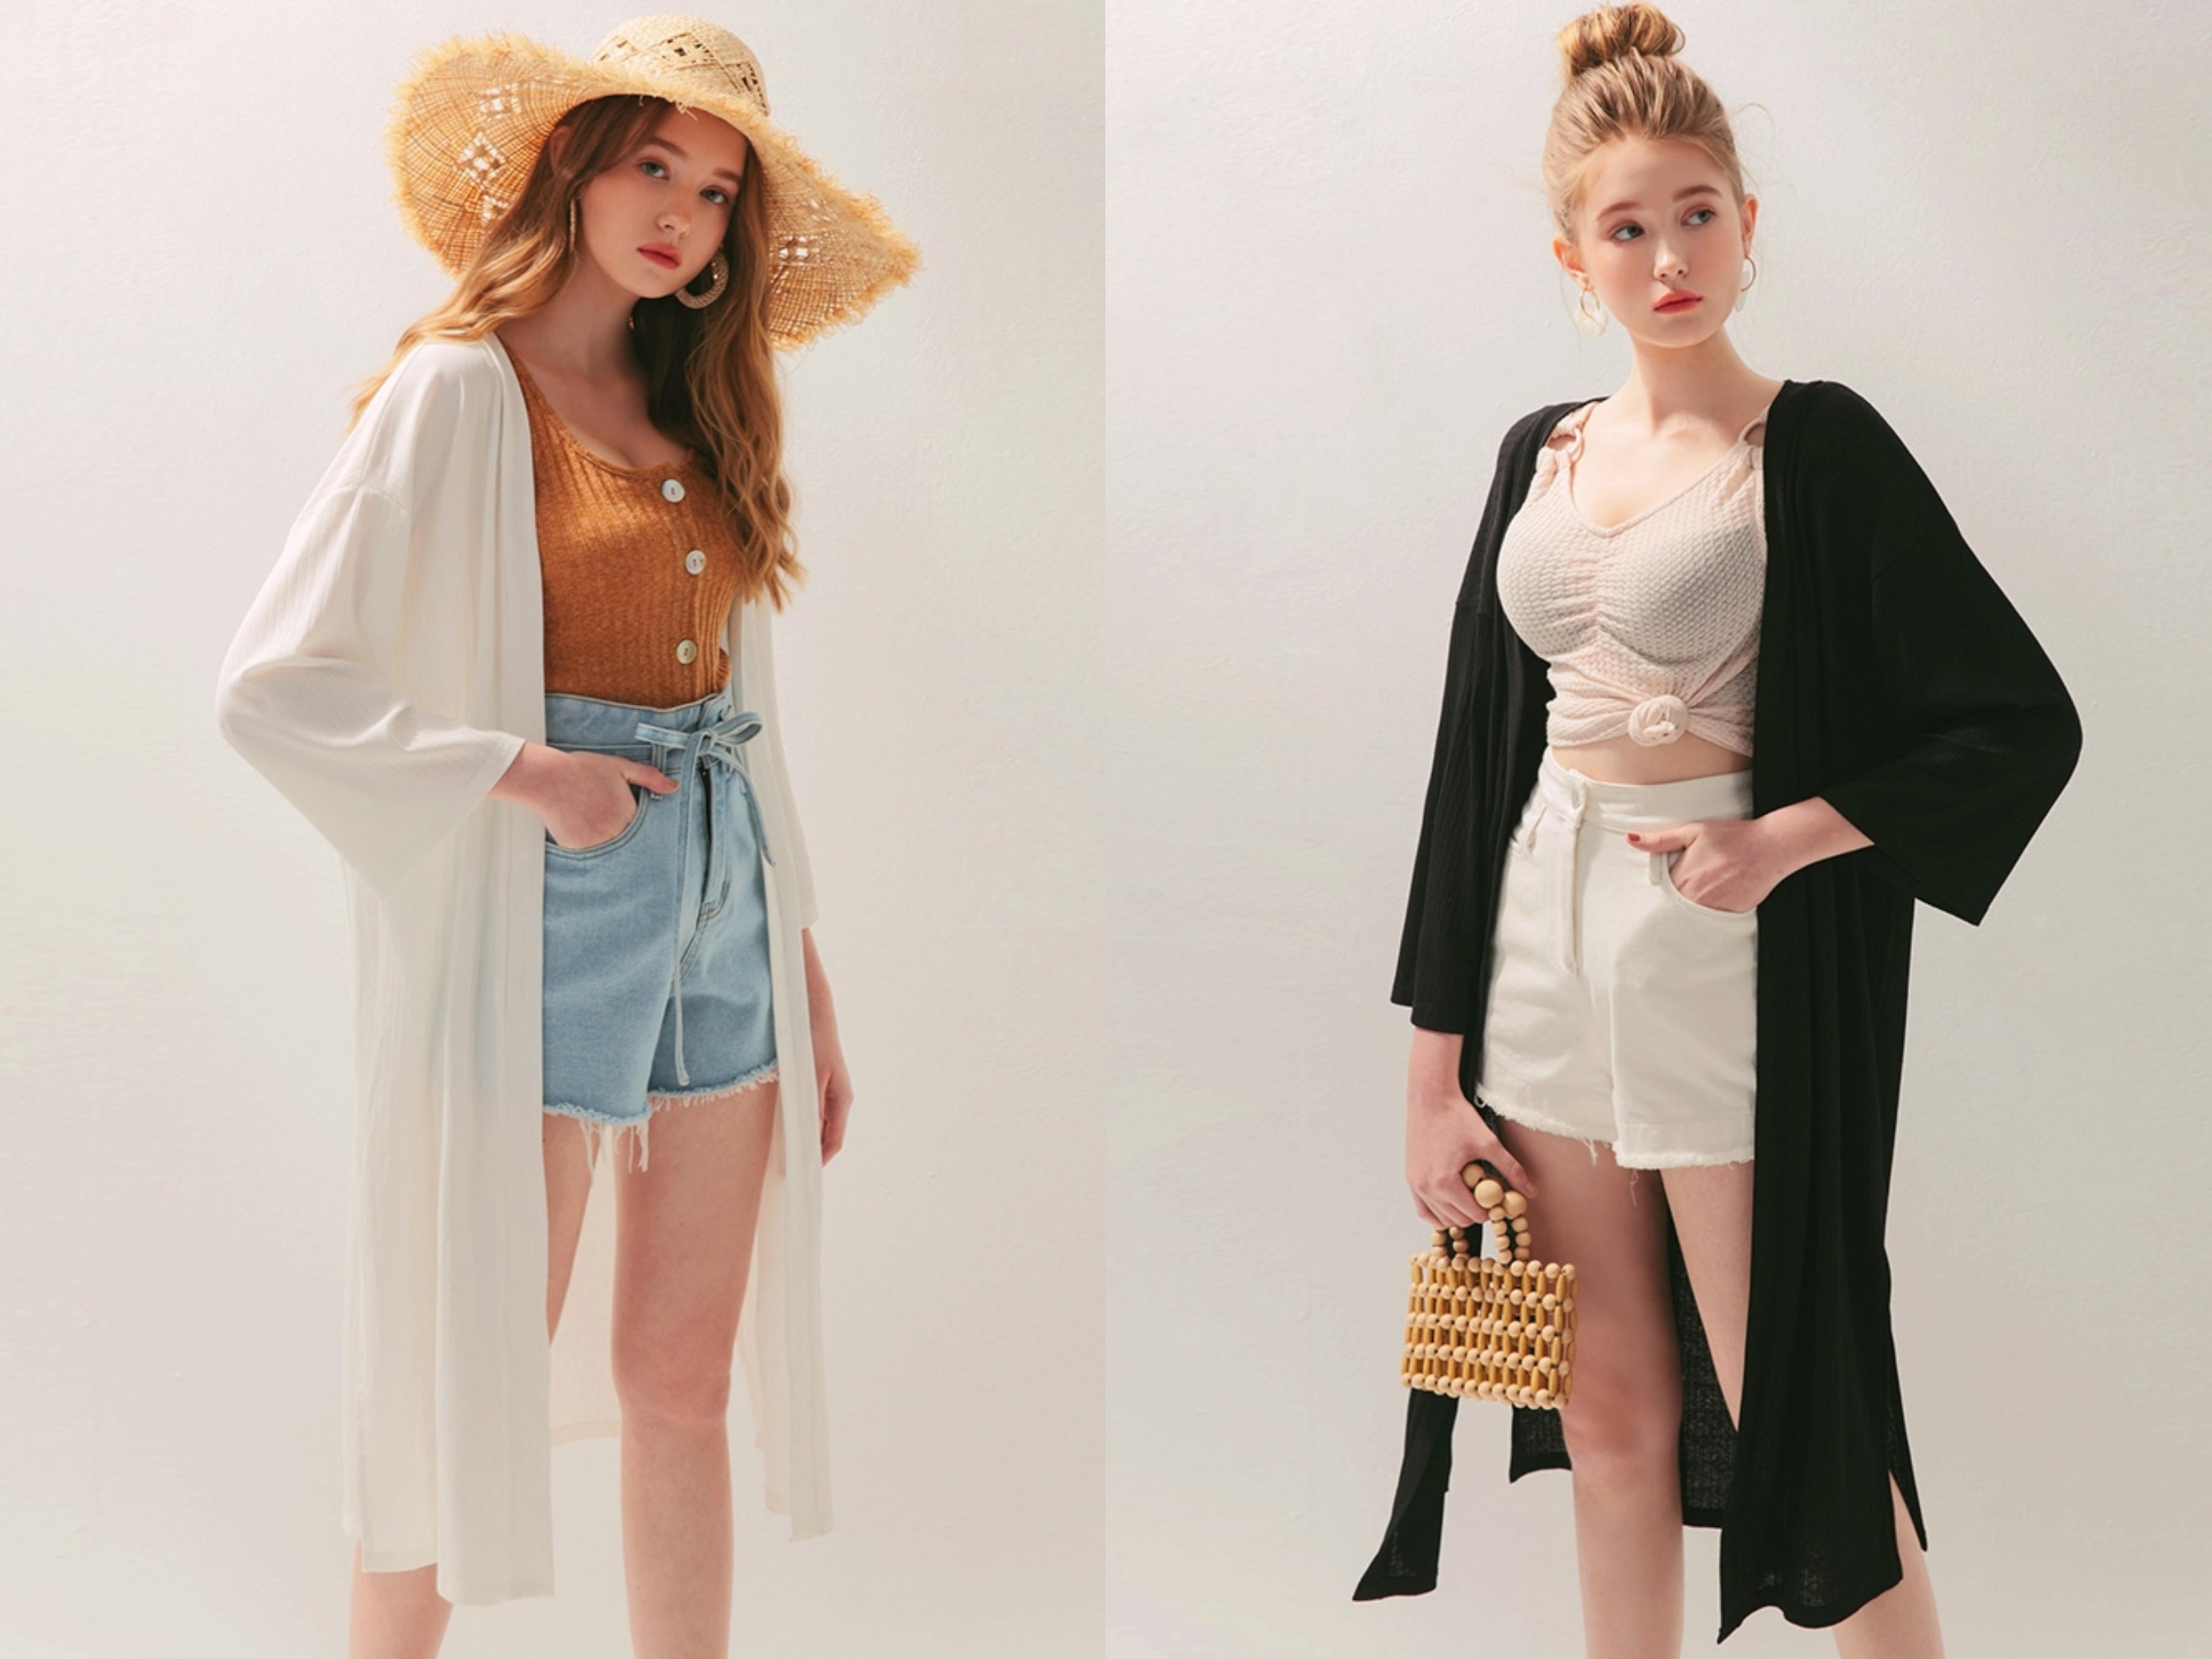 輕薄的材質,穿上涼爽舒適,非常適合春夏穿搭